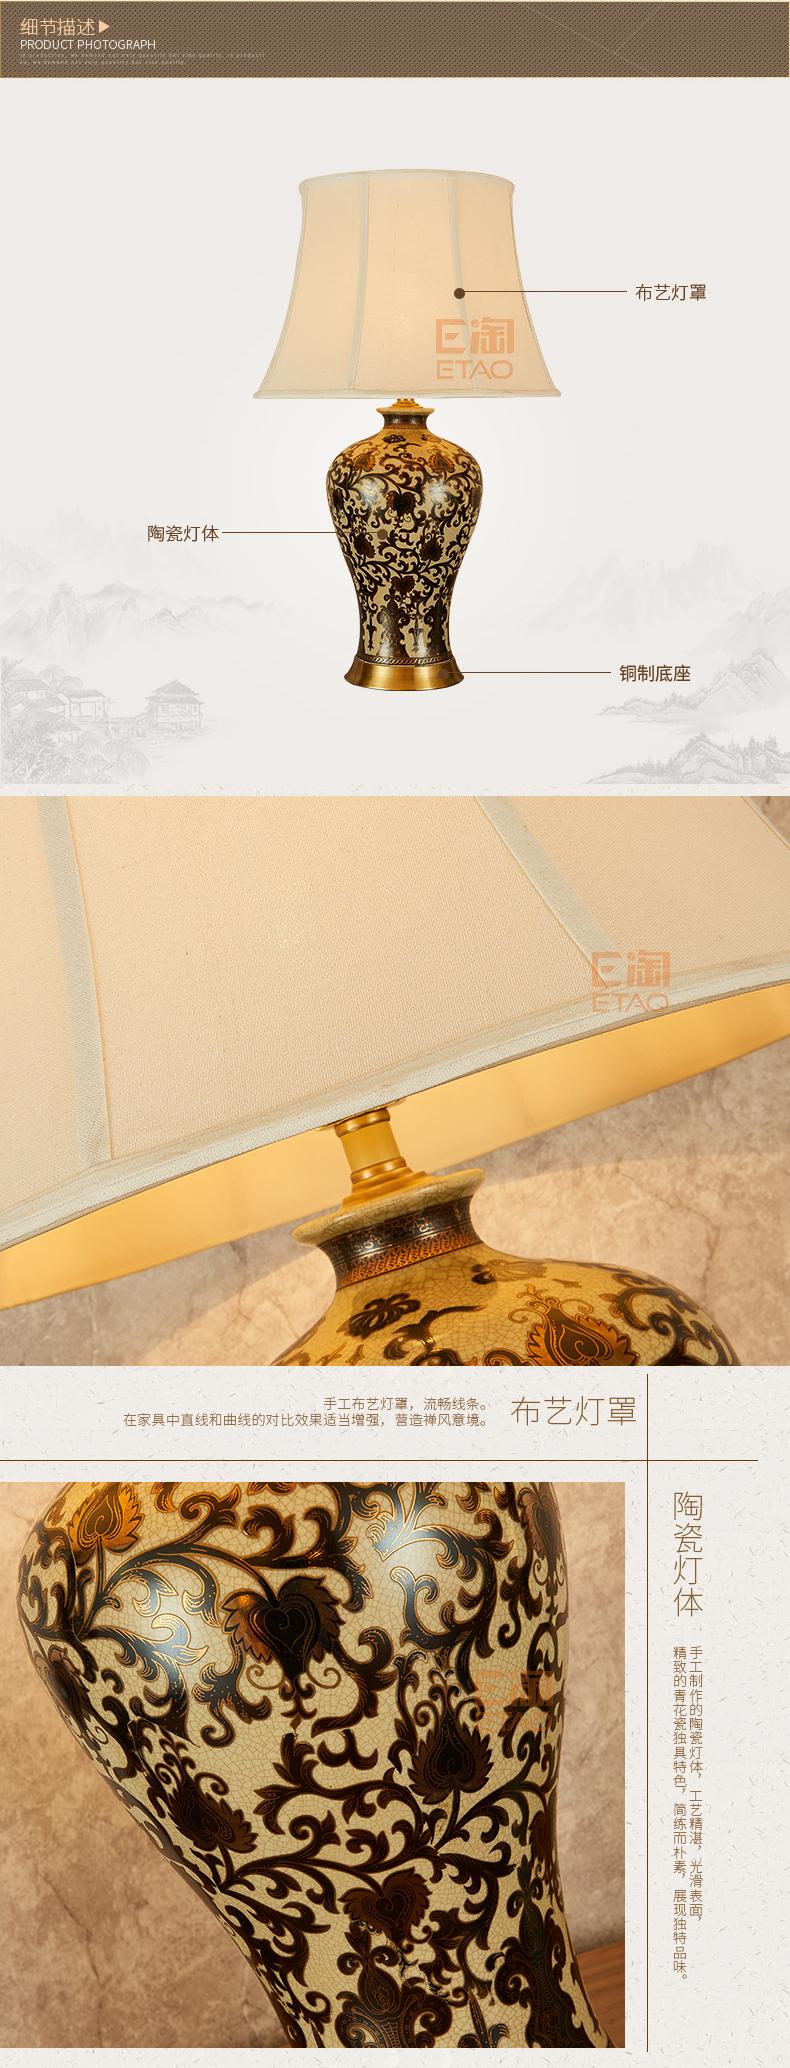 钰熙·雅瓷MT18002L (3)